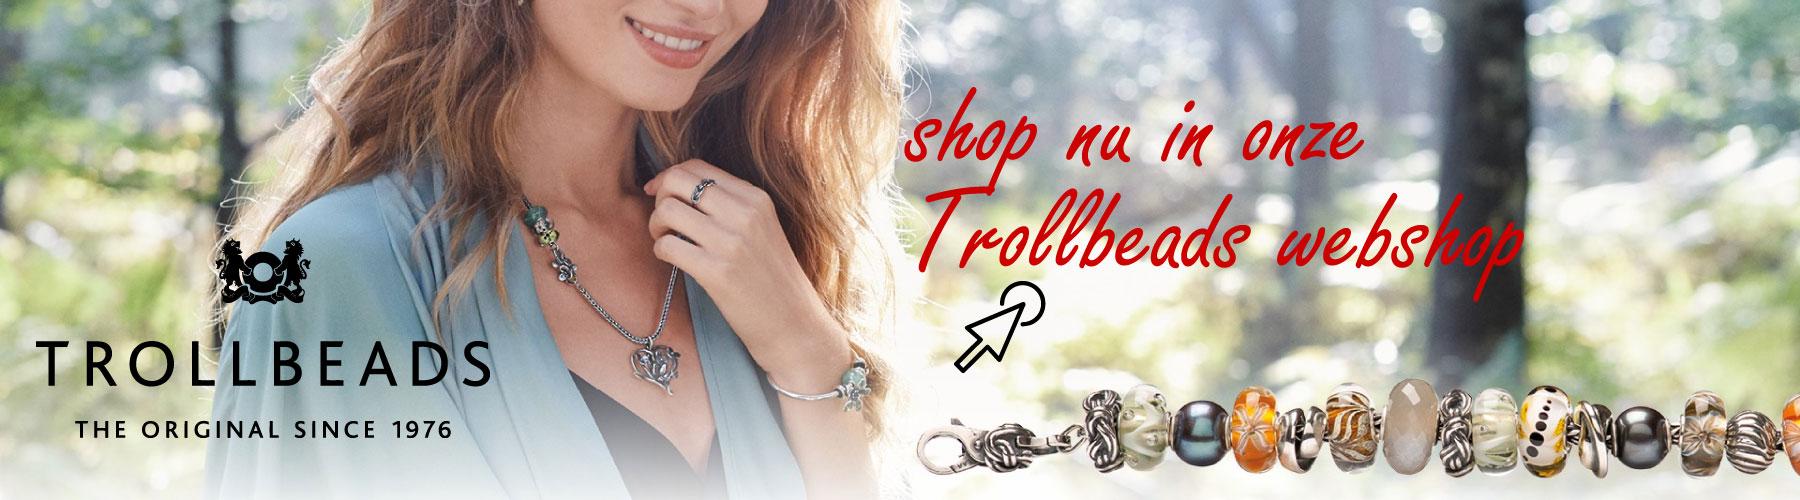 Trollbeads-webshop-wolters-juweliers-Coevorden-Emmen